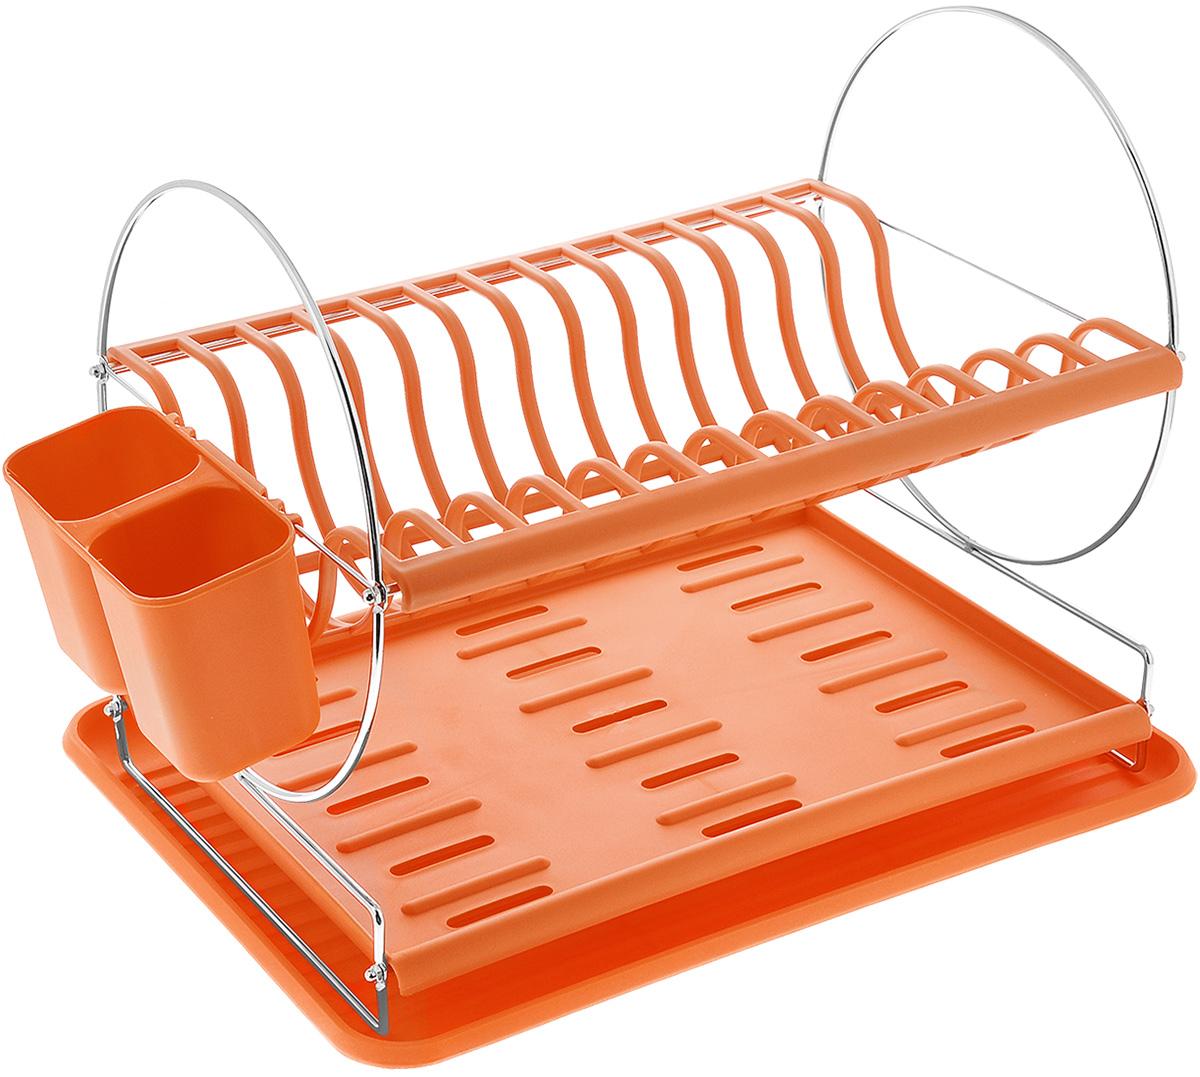 Сушилка для посуды Mayer & Boch, цвет: оранжевый, 43 х 33 х 32,5 см23237_оранжевыйСушилка для посуды Mayer & Boch отлично подходит для хранения кухонных принадлежностей и столовых приборов. Сушилка содержит подставку для тарелок, двойную подставку для столовых приборов и место для кружек и мисок. Изделие выполнено из высококачественного полипропилена и хромированного металла. Поддон для воды поможет сохранить кухню в чистоте. Элегантный, цветной дизайн прекрасно сочетается с интерьером любой кухни.